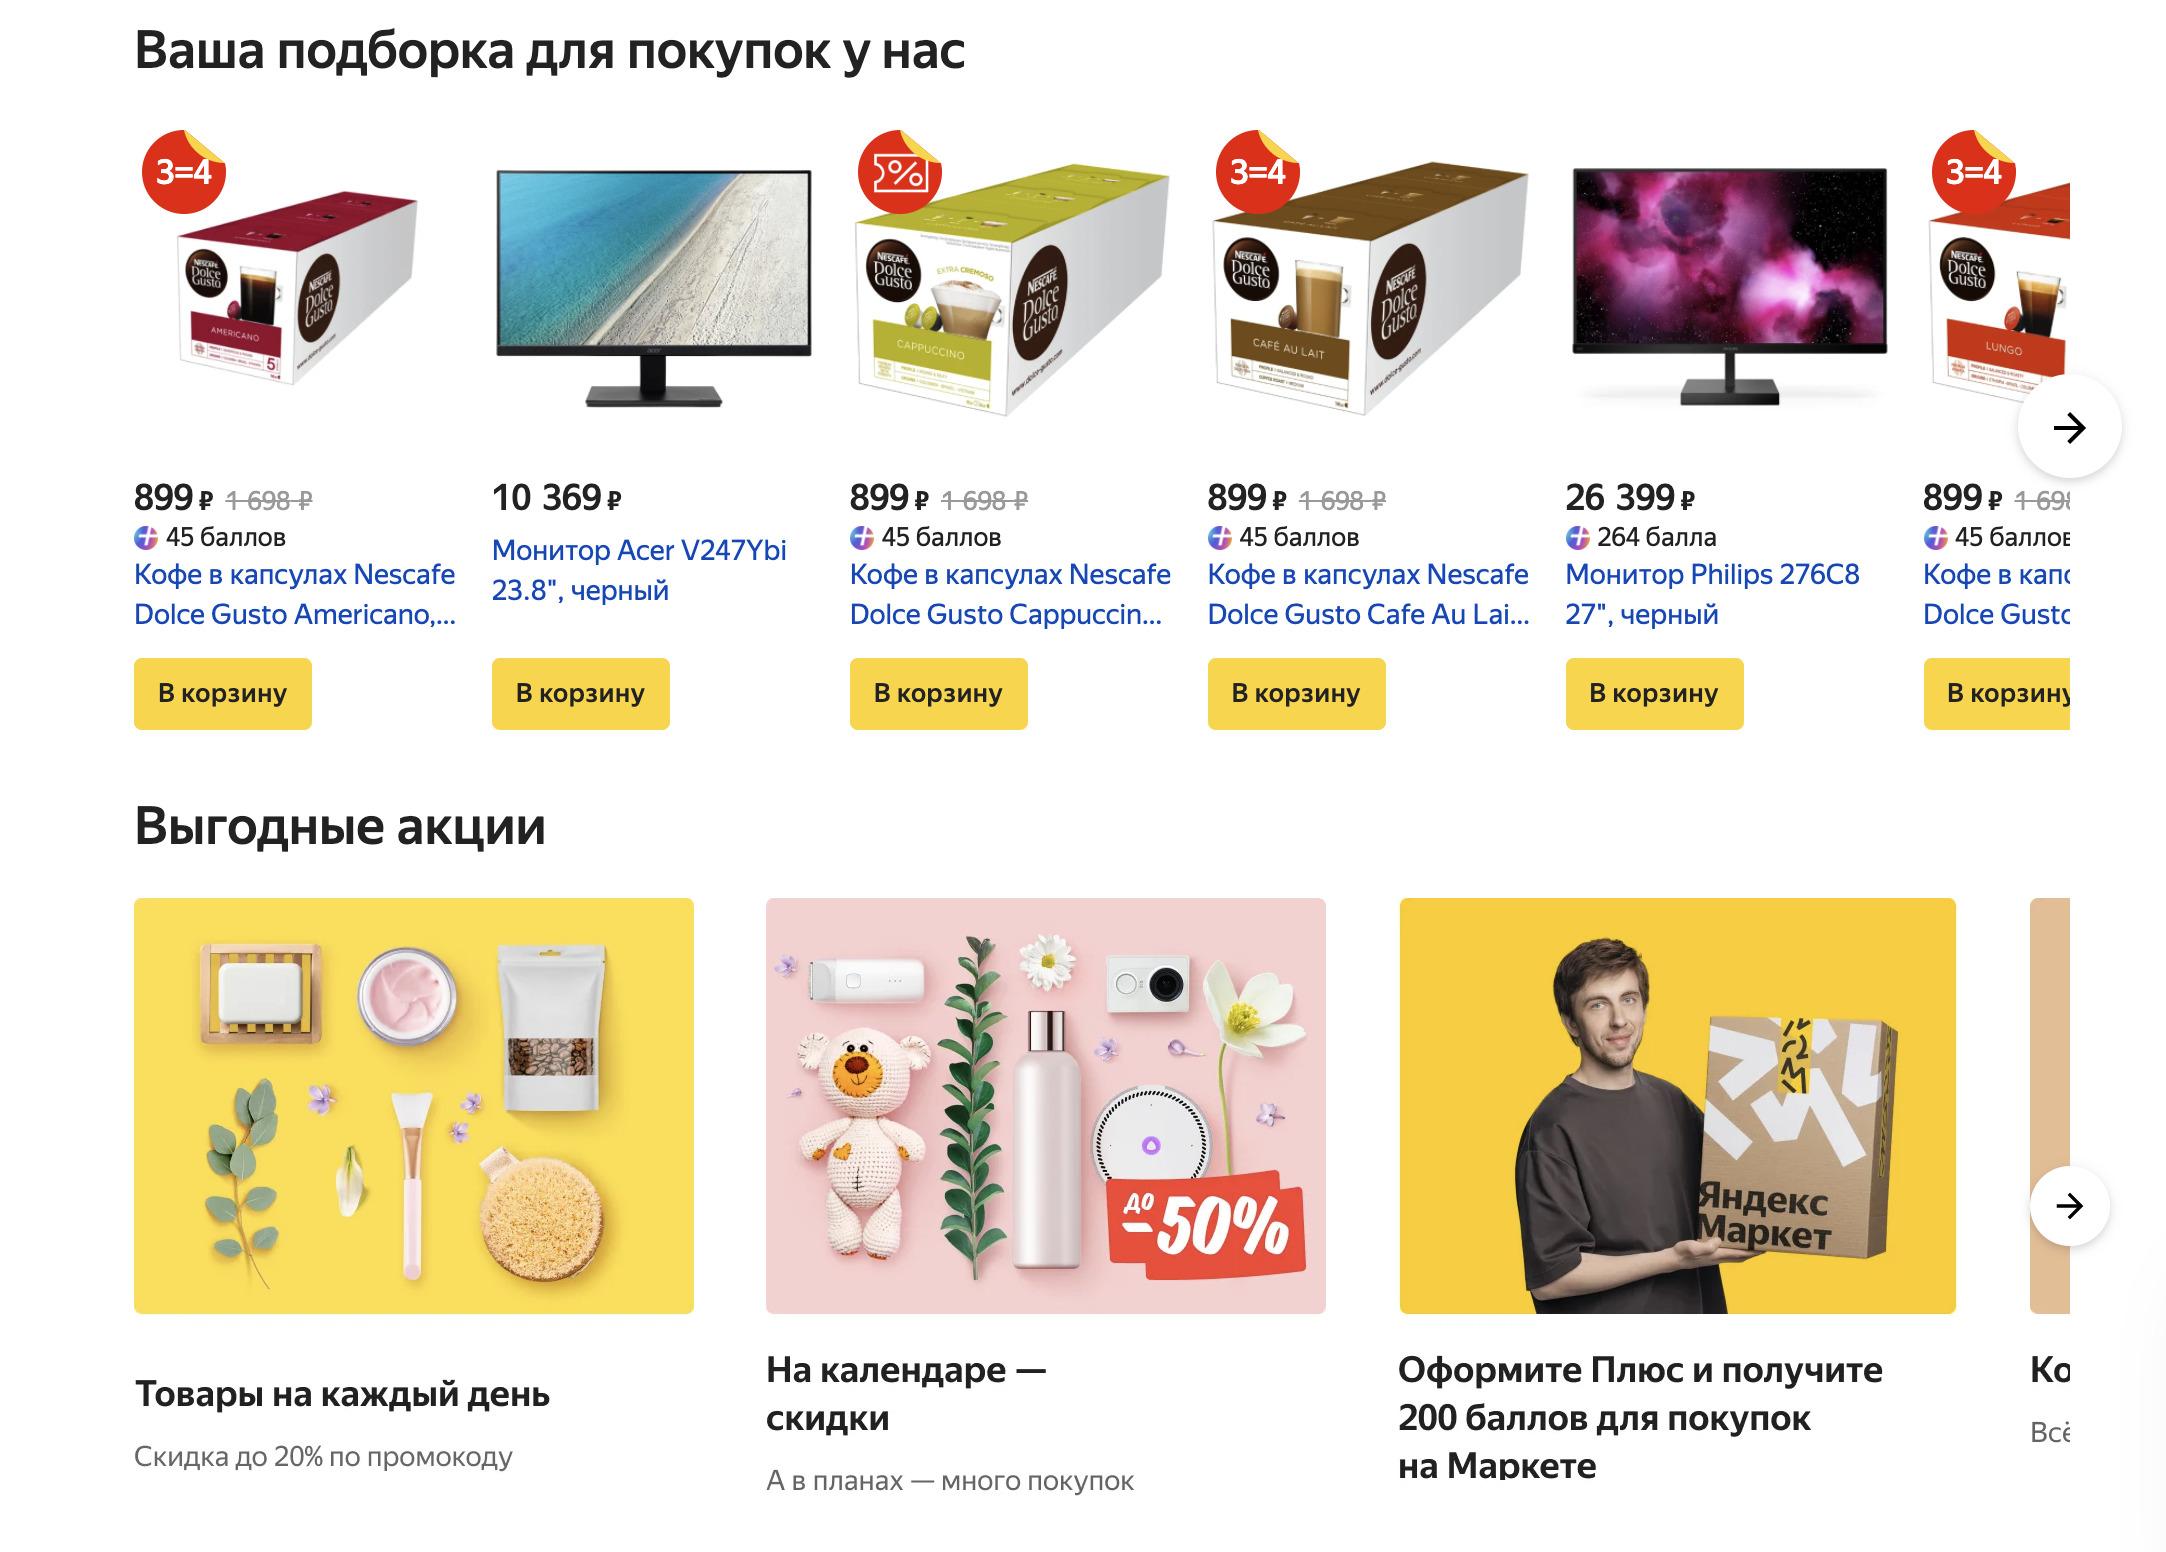 Доставка из Яндекс.Маркет в Ярославль, сроки, пункты выдачи, каталог